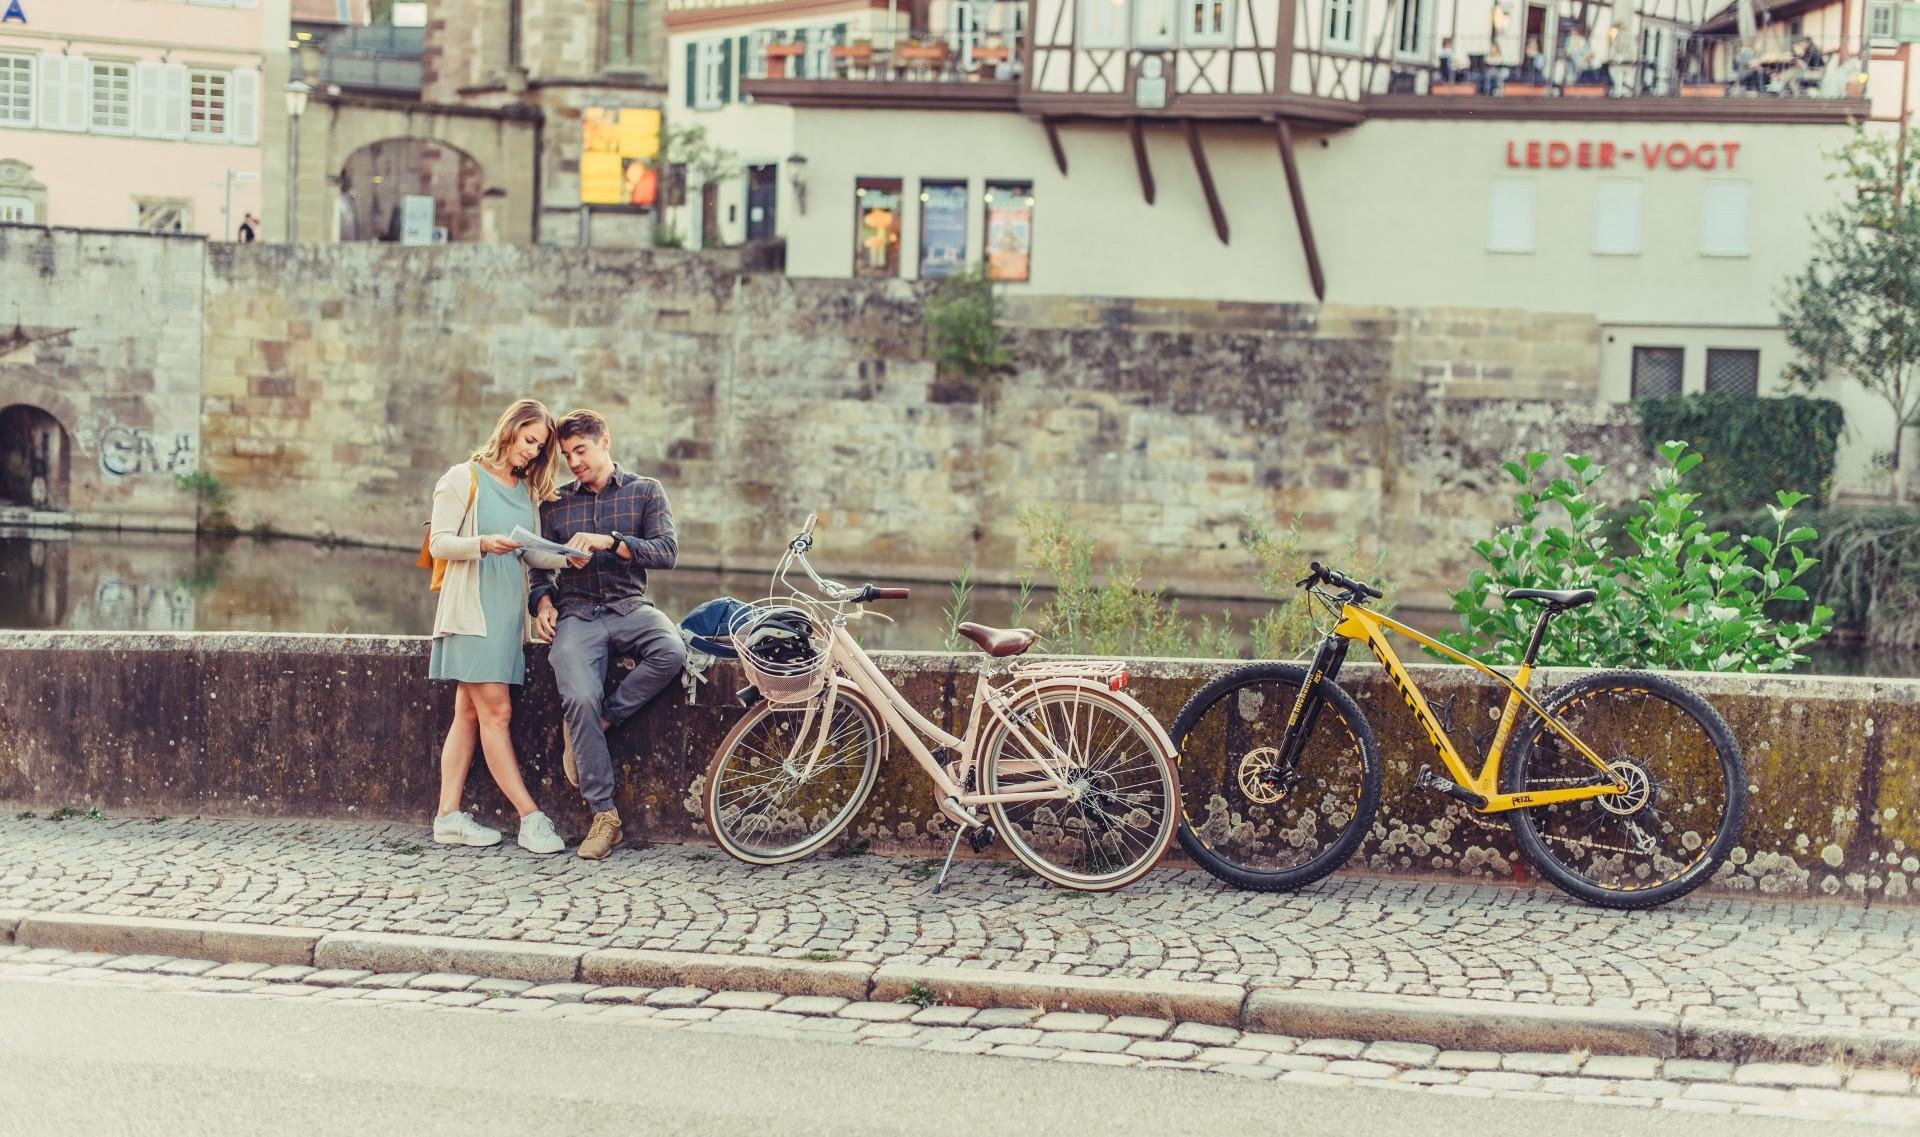 Radfahrer mit Karte am Kocher in Schwäbisch Hall